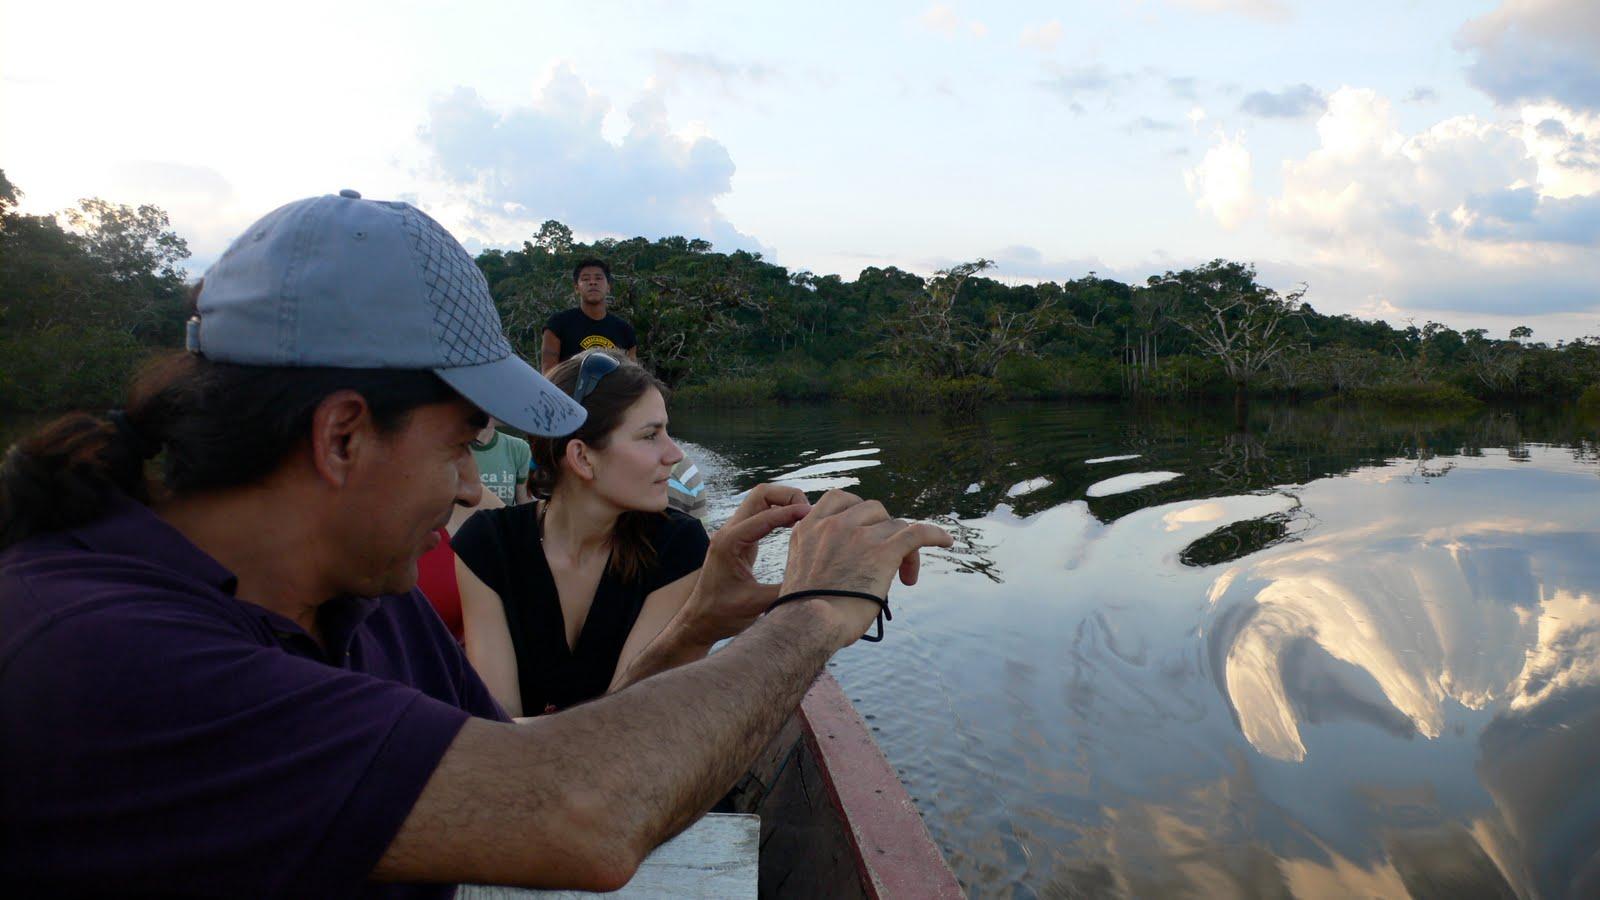 Pin laguna parc aquatique allemagne on pinterest - Laguna piscine allemagne ...